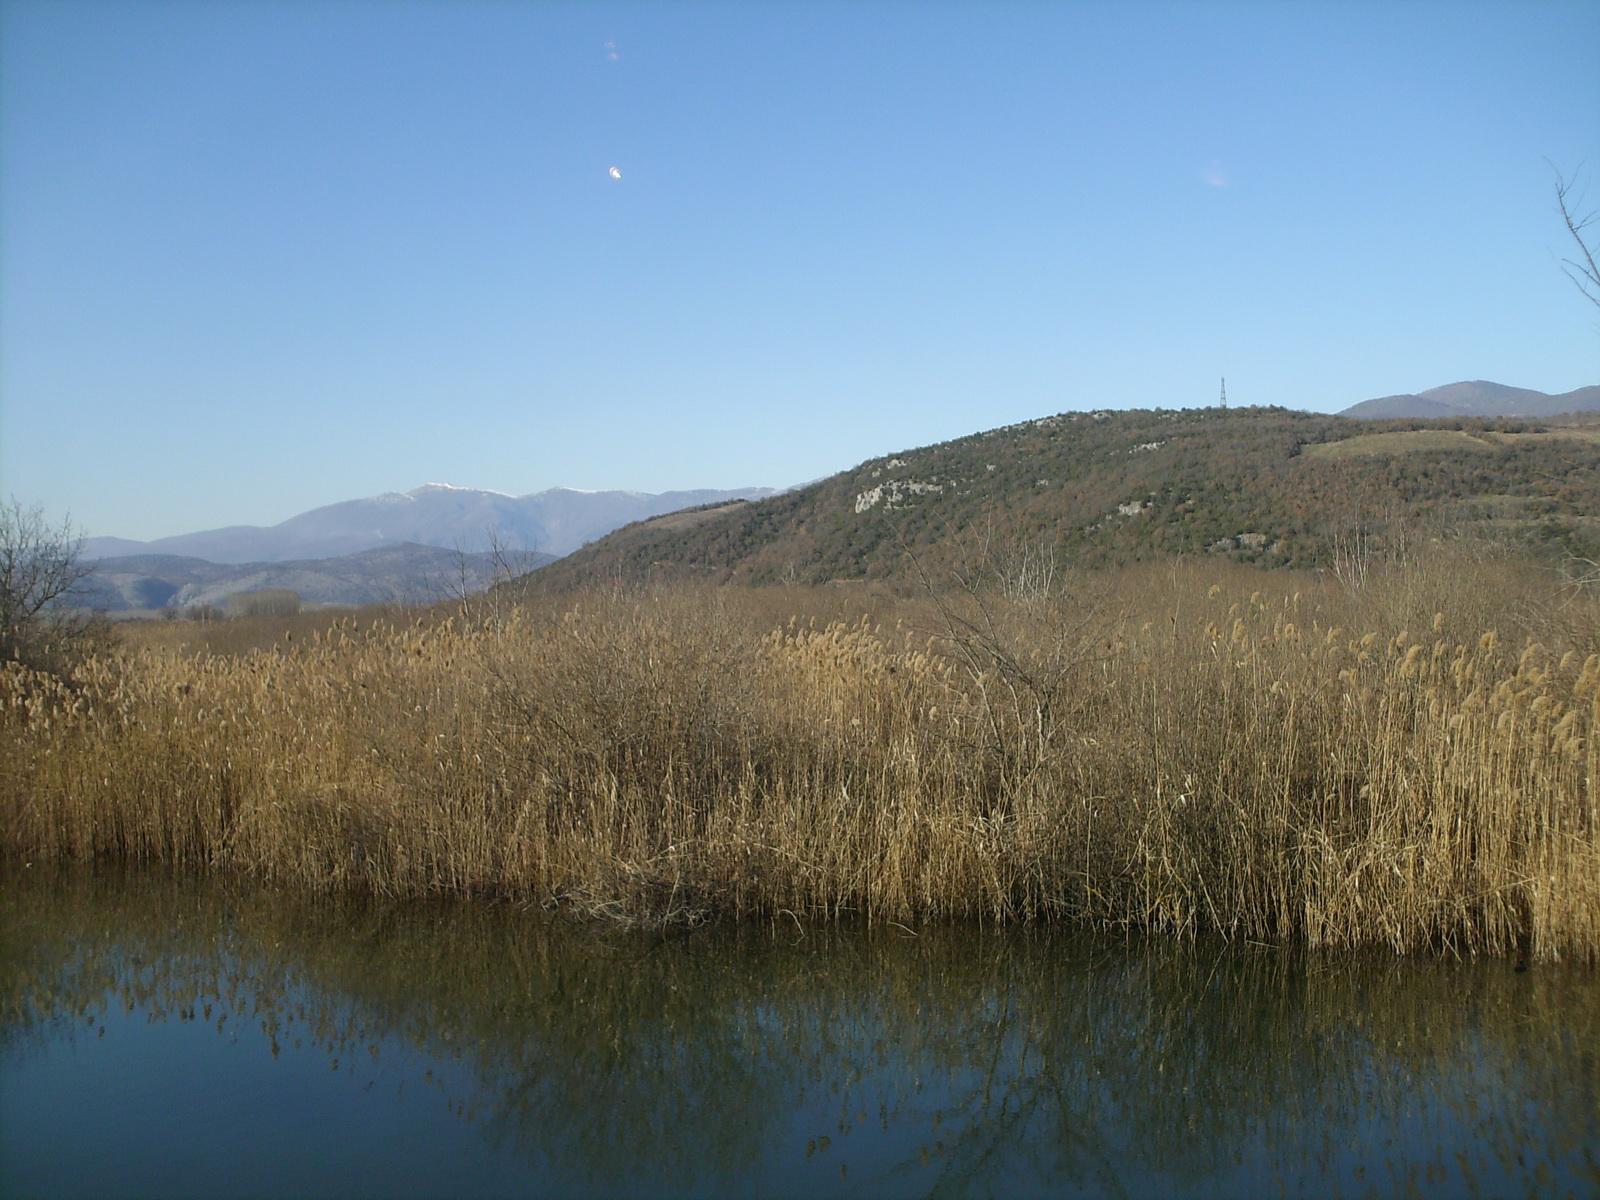 HPIM0322 λίμνη Αγρα_resize